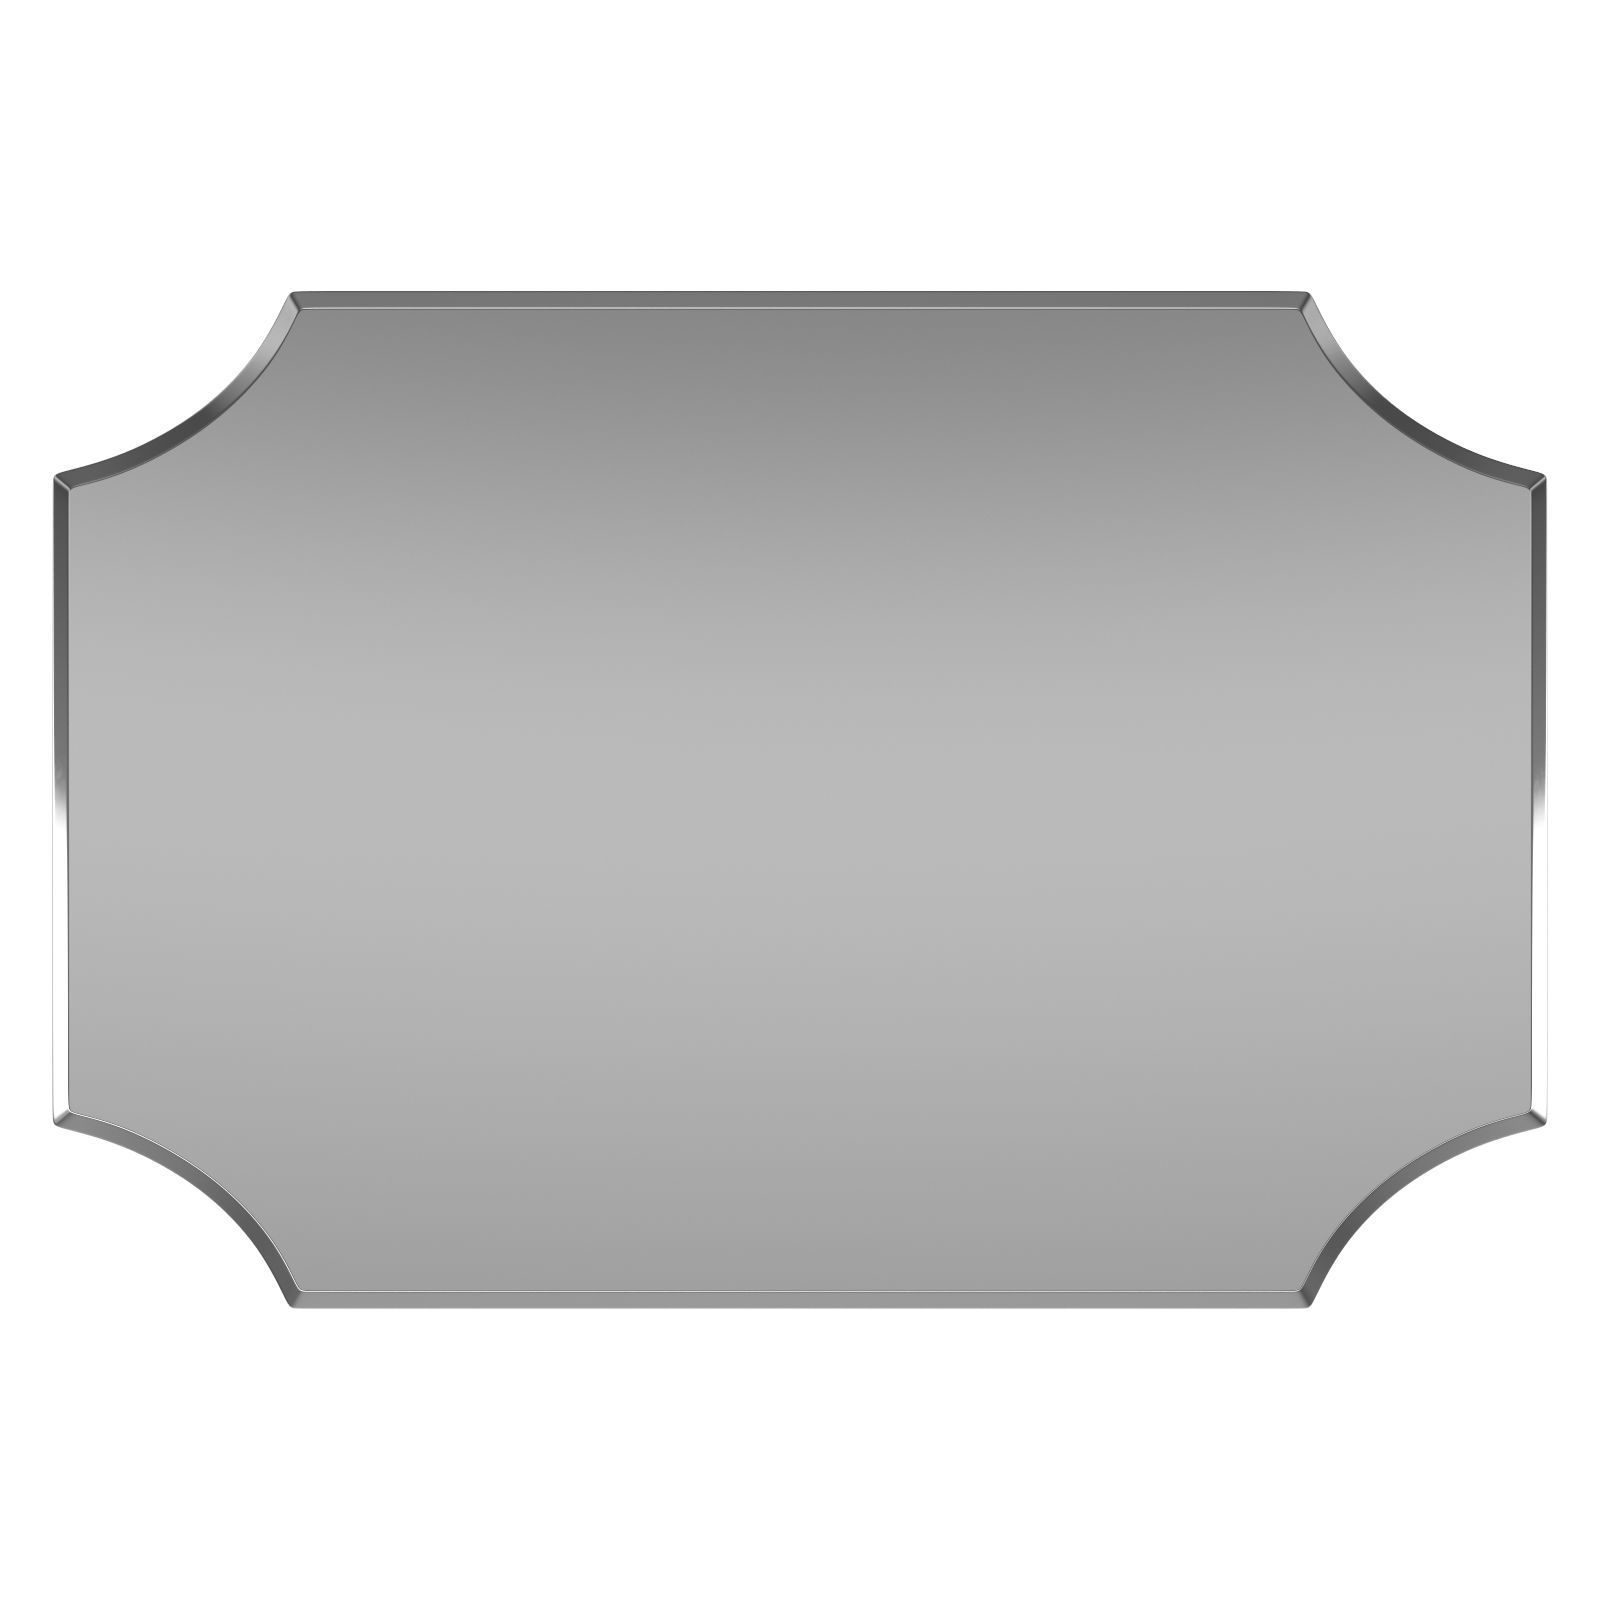 Reign Frameless Rectangle Scalloped Beveled Wall Mirror Dsov1042 | 3D Model In Reign Frameless Oval Scalloped Beveled Wall Mirrors (View 9 of 20)